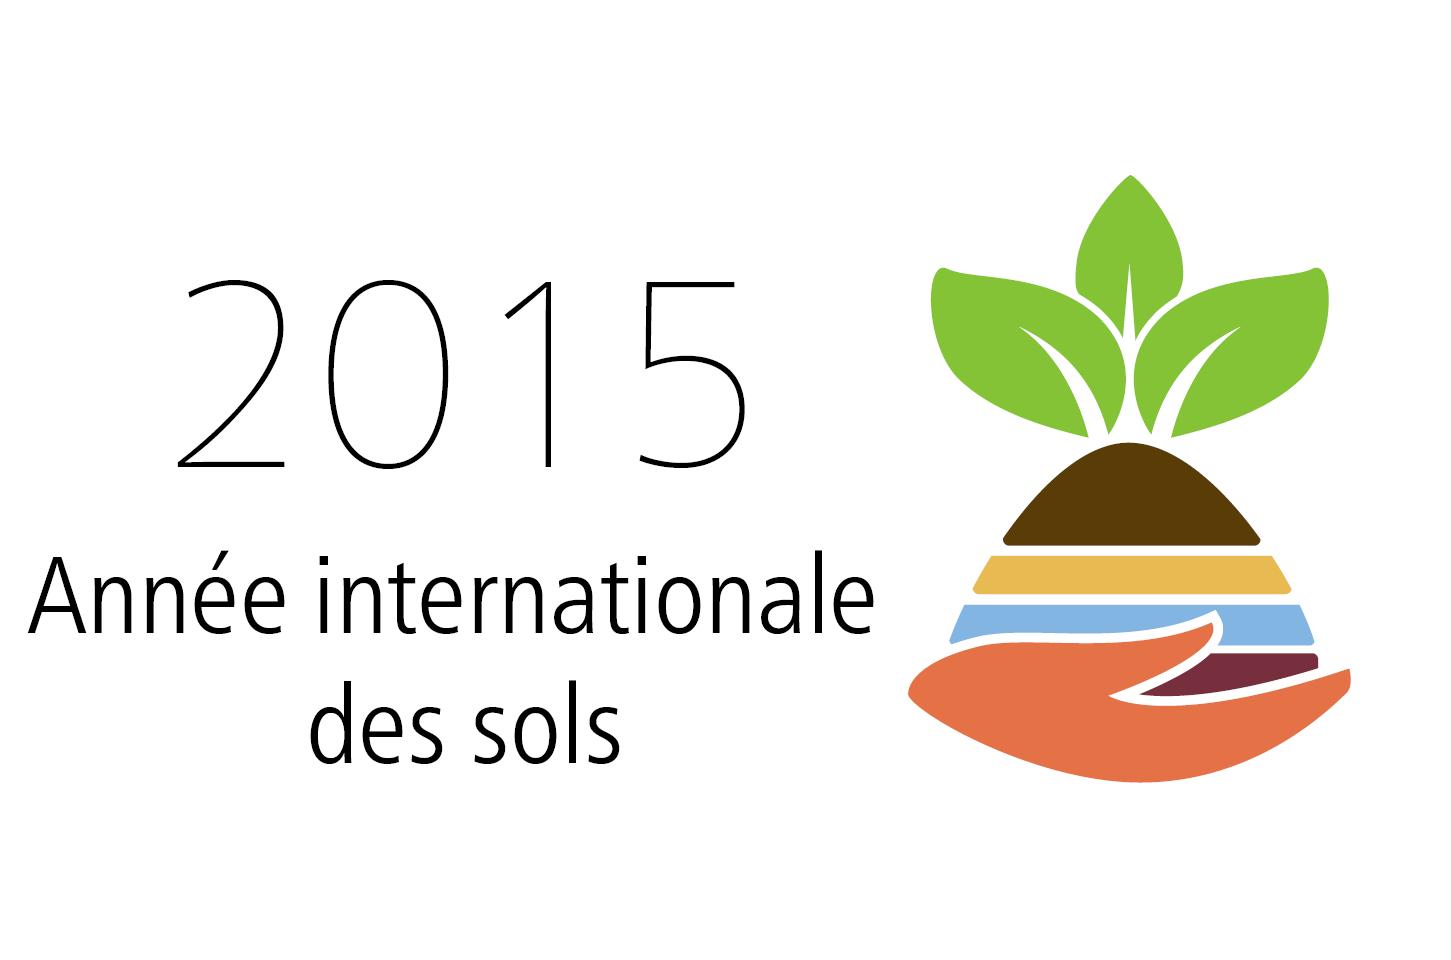 Année internationale des sols